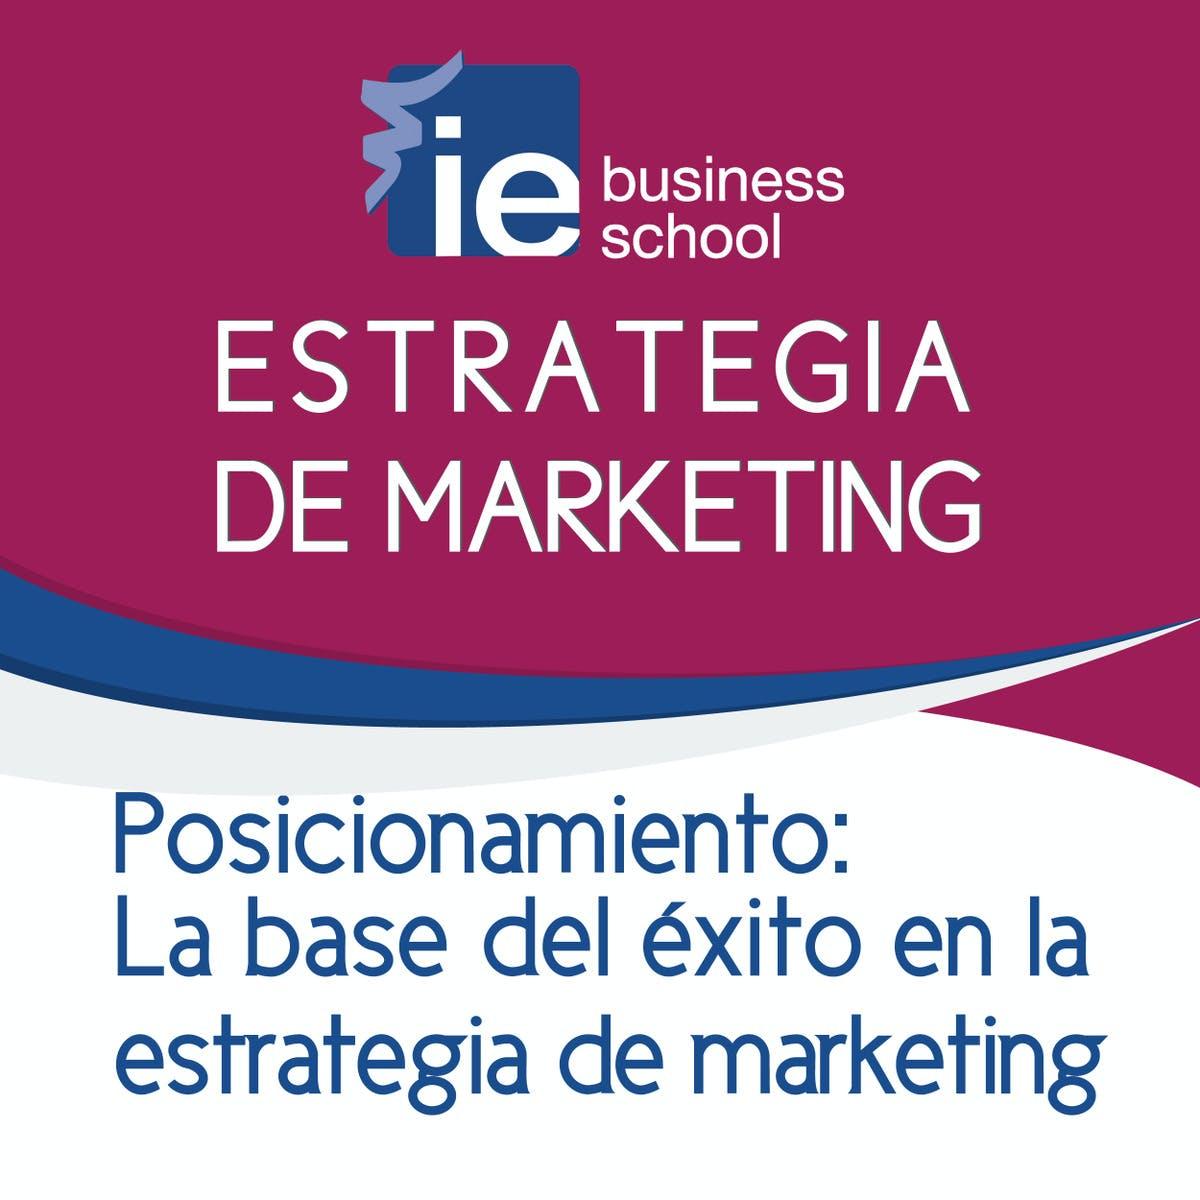 Posicionamiento: La base del éxito en la estrategia de marketing